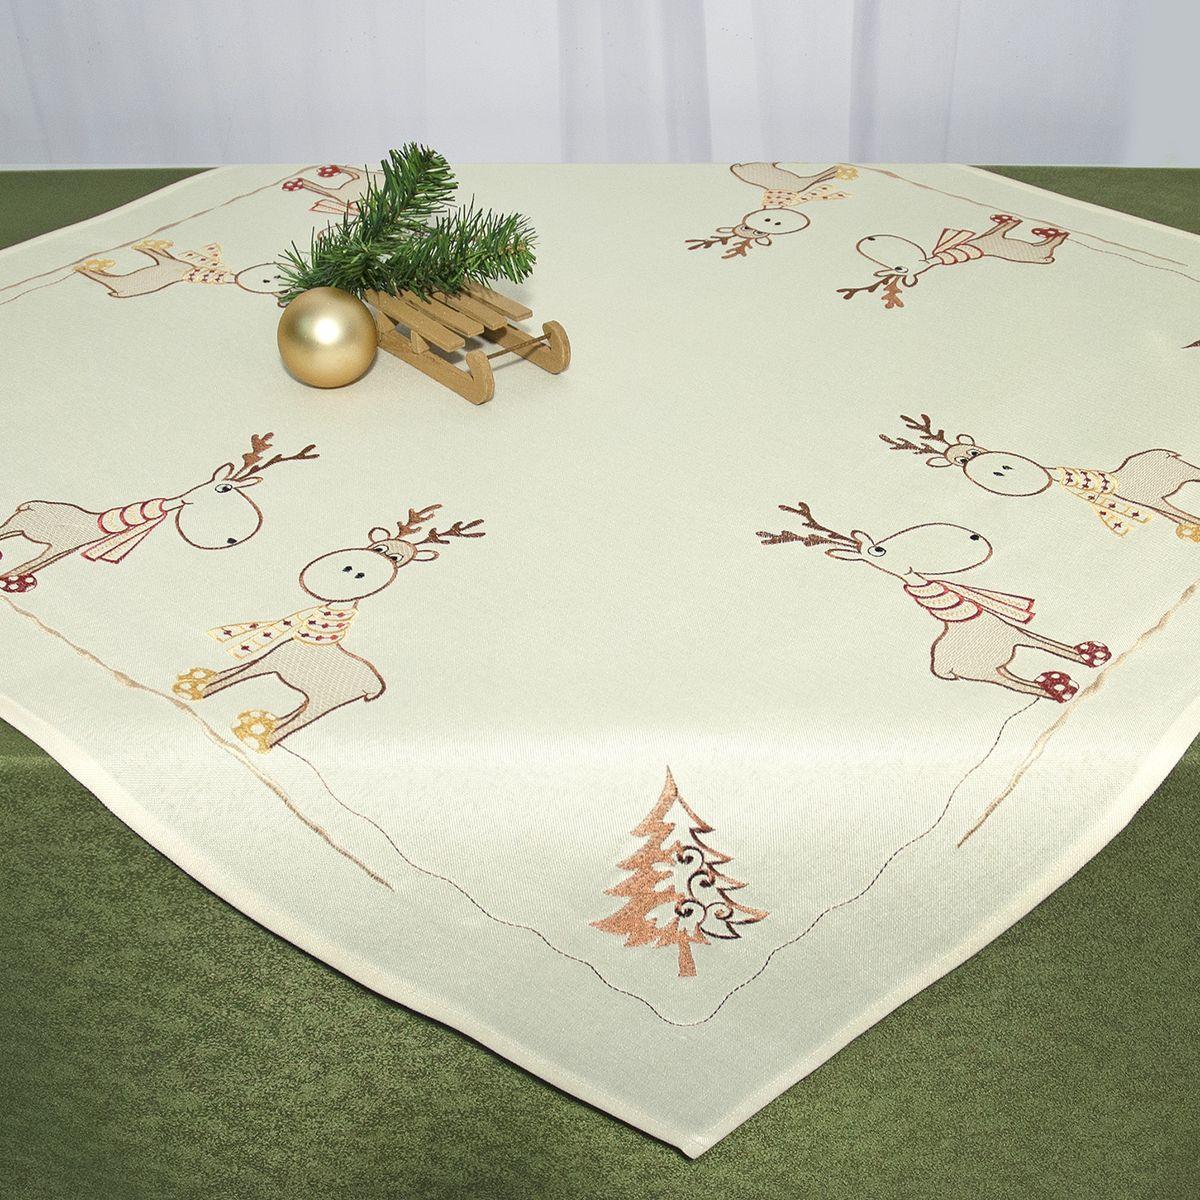 Скатерть Schaefer, квадратная, цвет: бежевый, 85 x 85 см 07672-10007672-100Квадратная скатерть Schaefer, выполненная из полиэстера, станет украшением новогоднего стола. Изделие декорировано оригинальной вышивкой в виде оленей, елок и снежинок. За текстилем из полиэстера очень легко ухаживать: он легко стирается, не мнется, не садится и быстро сохнет, более долговечен, чем текстиль из натуральных волокон.Использование такой скатерти сделает застолье торжественным, поднимет настроение гостей и приятно удивит их вашим изысканным вкусом. Это текстильное изделие станет изысканным украшением вашего дома!